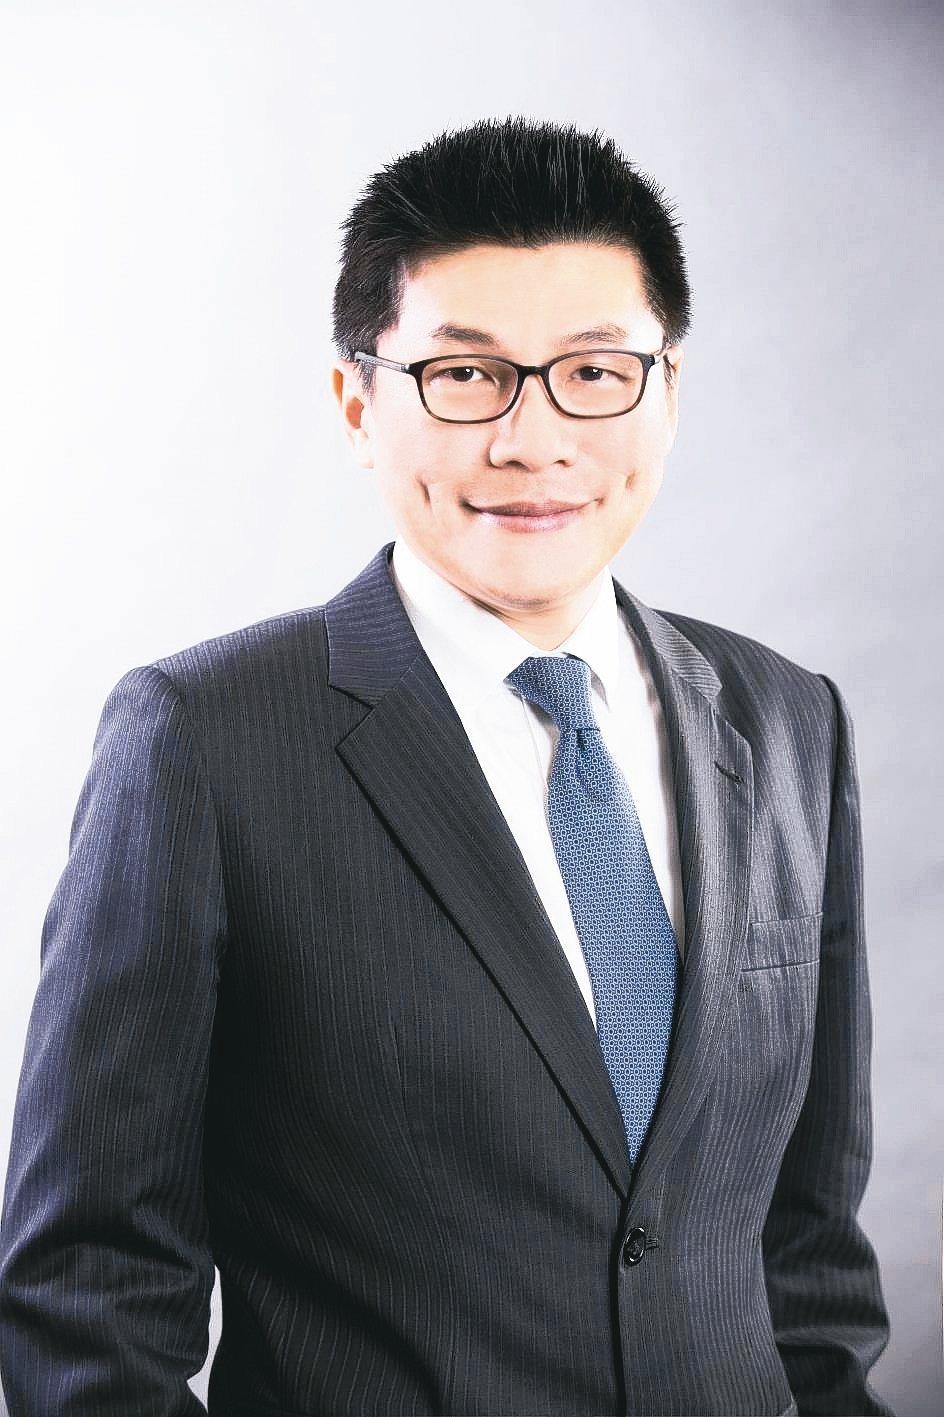 安聯投信投資長張惟閔。 圖/安聯投信提供